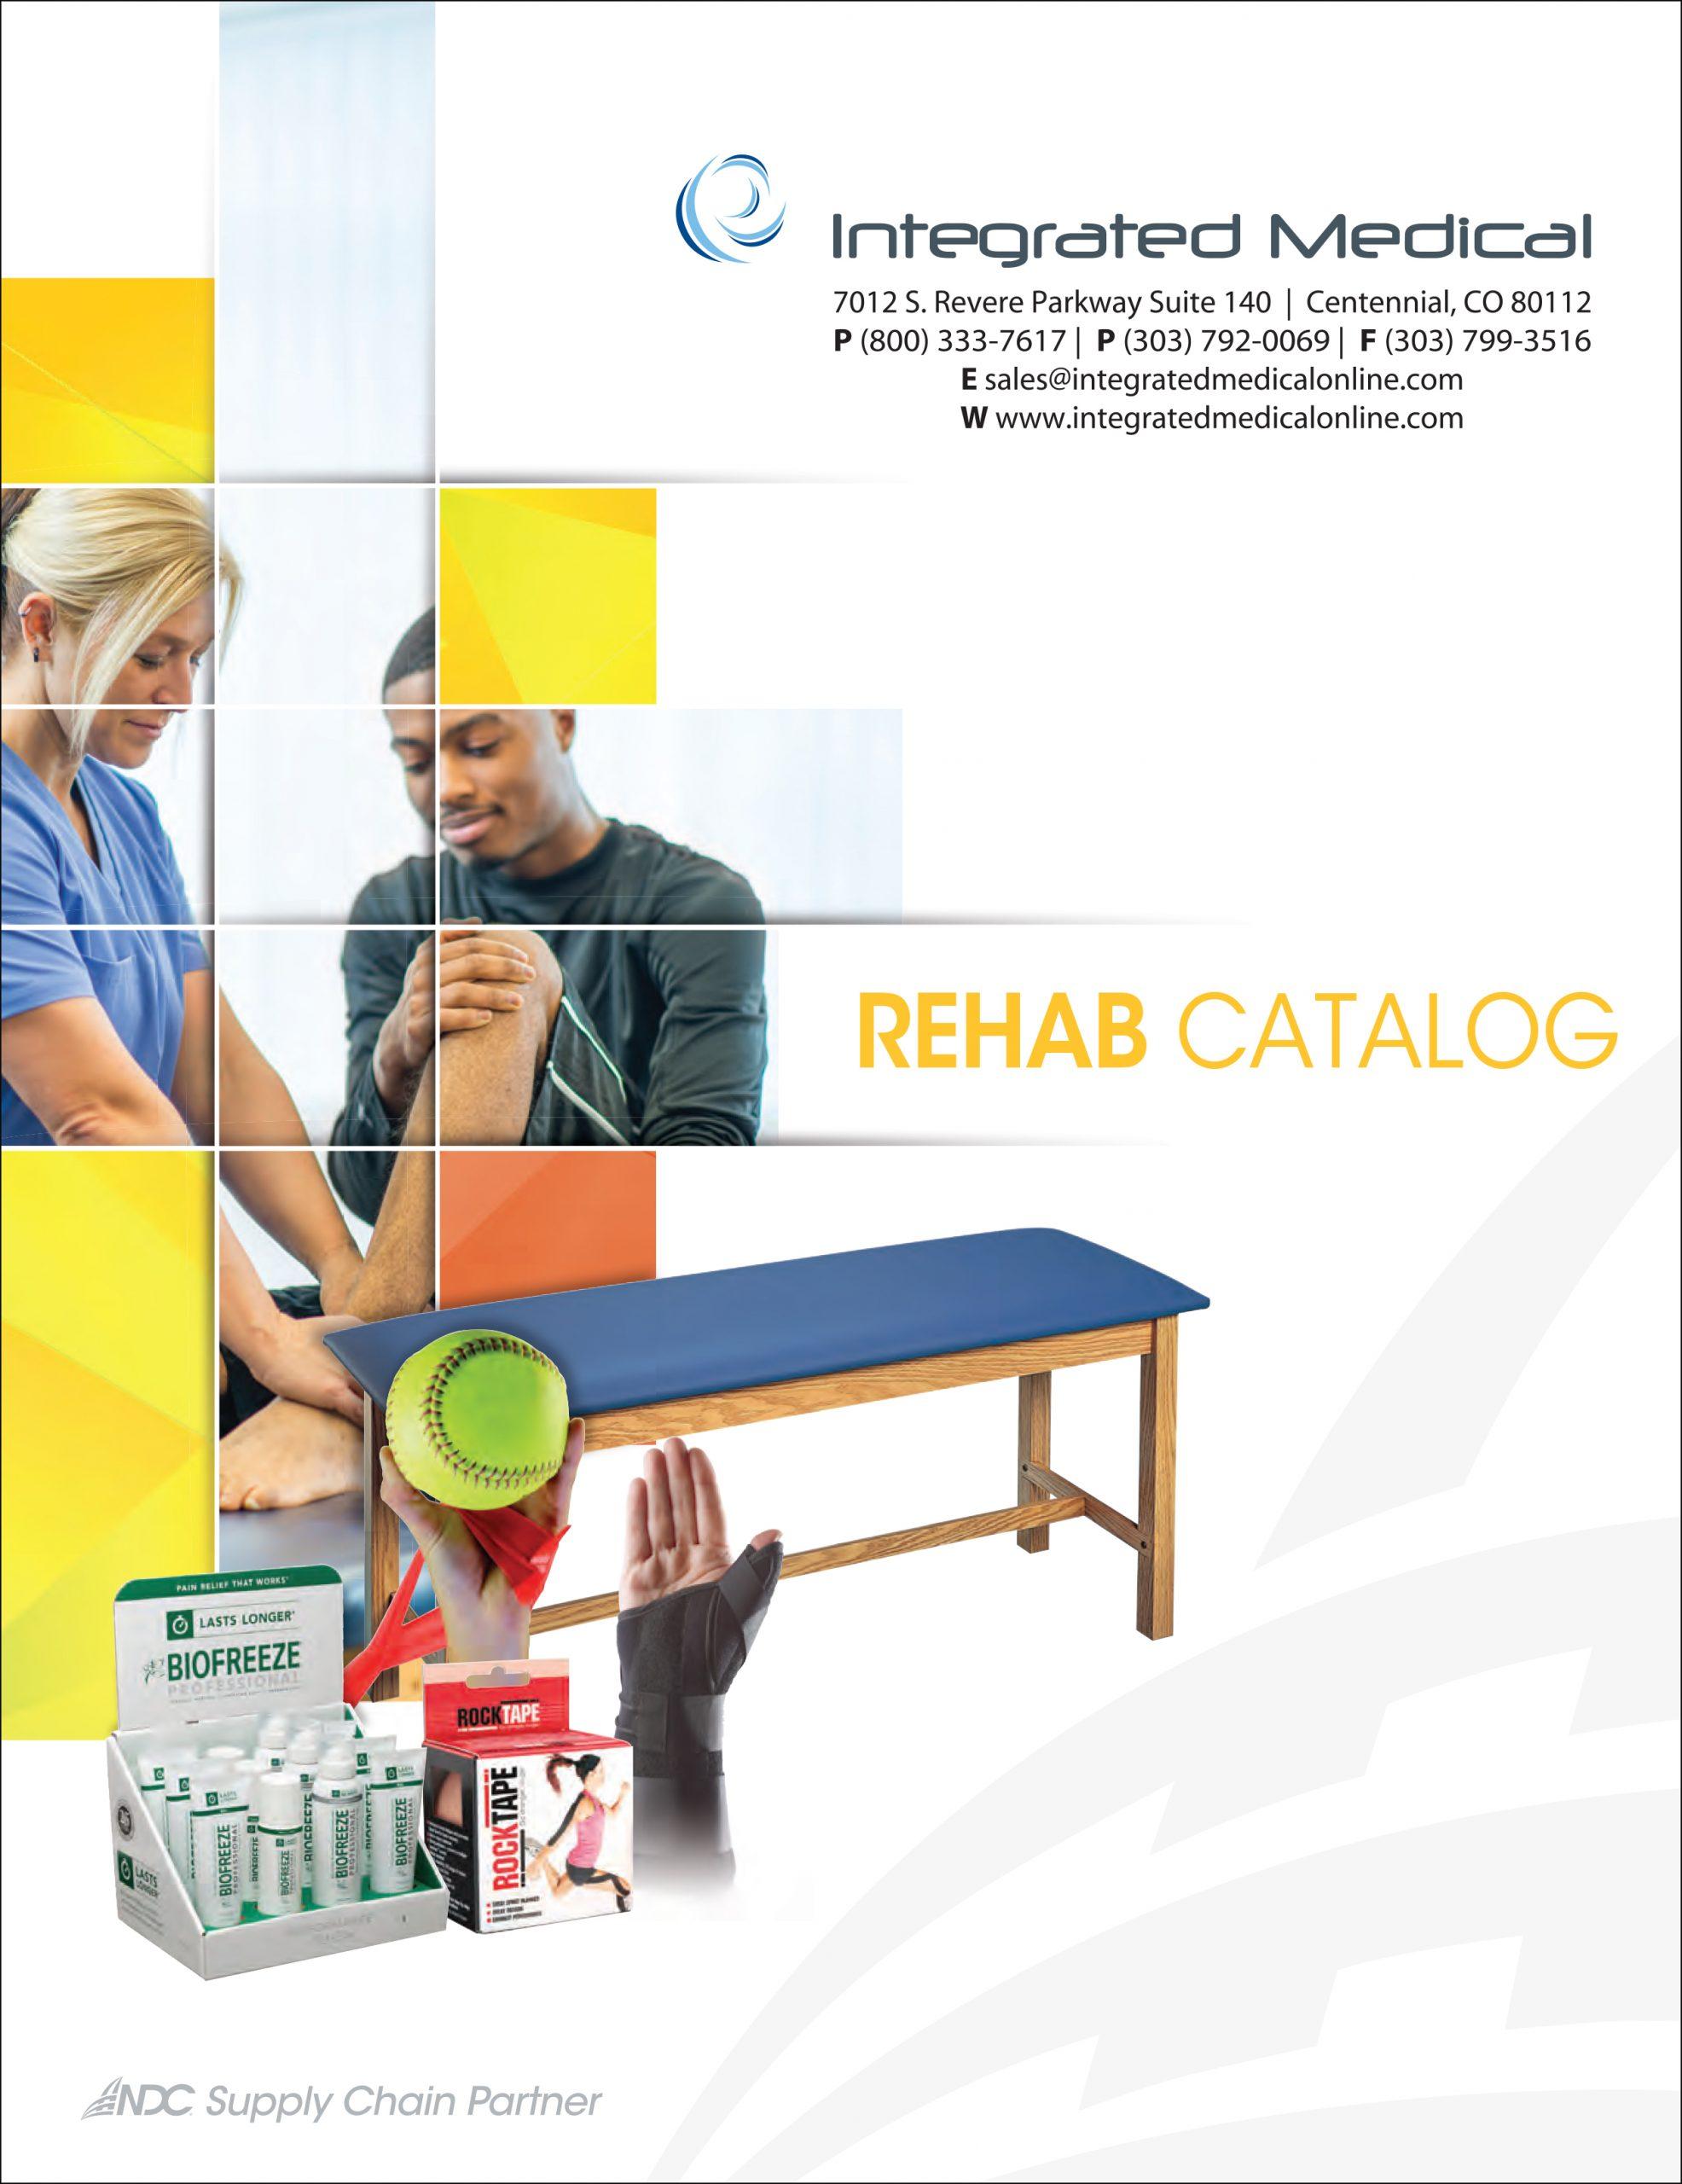 Rehab Catalog